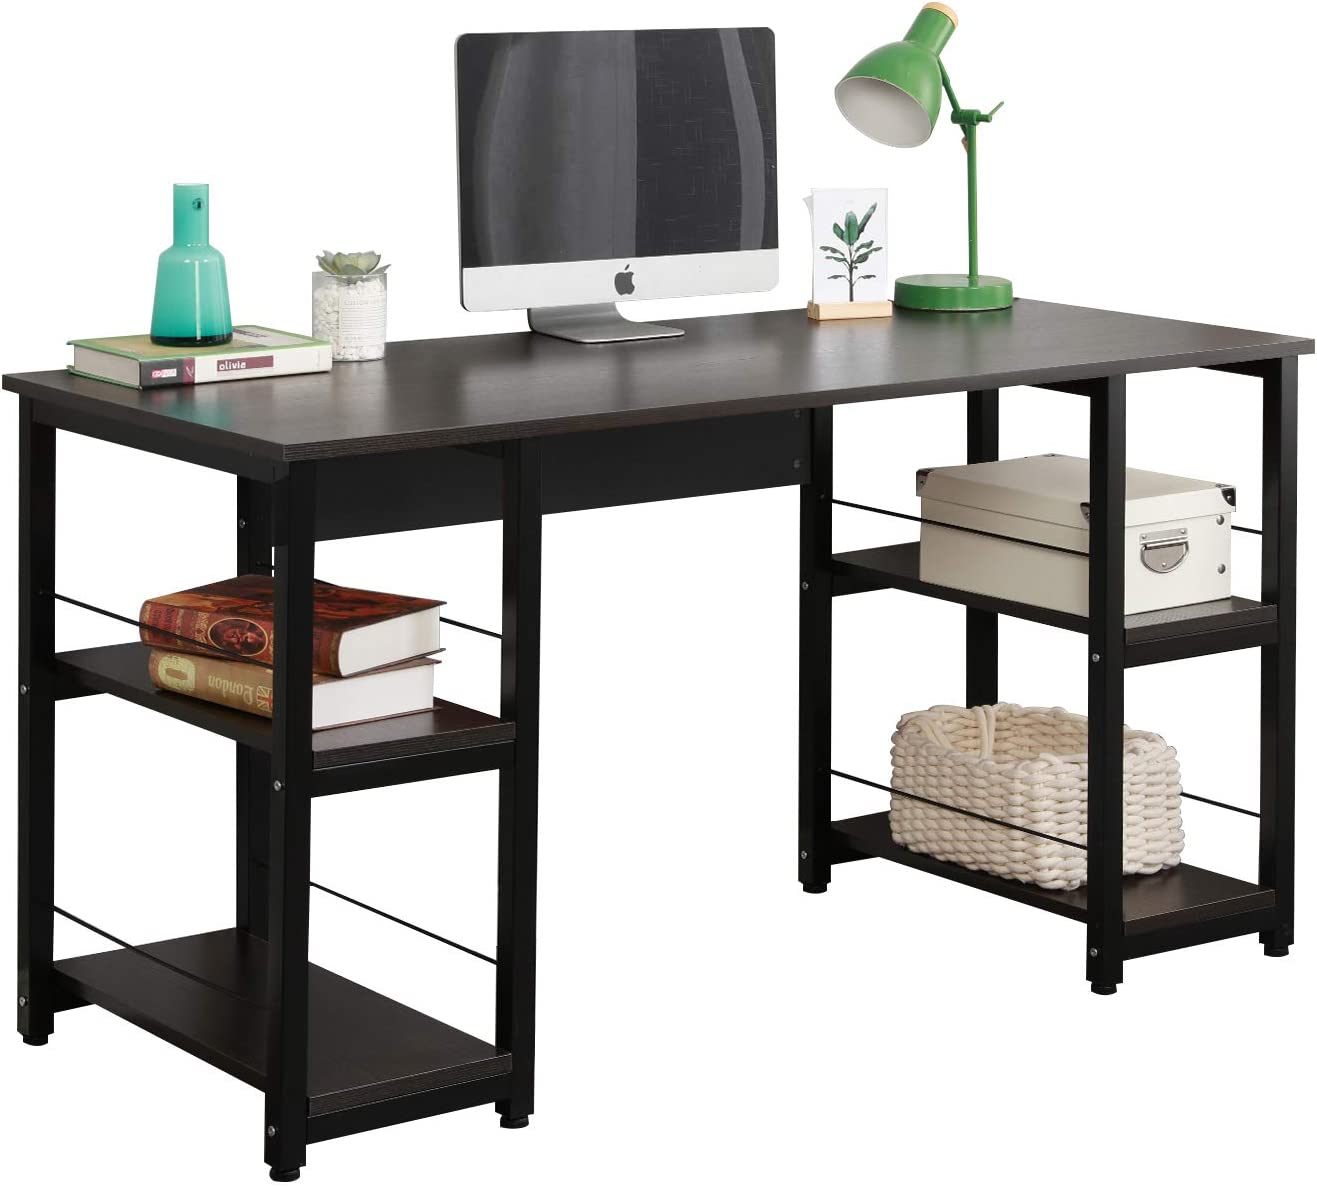 DlandHome Computer Desk 55 inches w/Open Storage Shelves for Both Side Multifunction Trestle Desk Home Office Desk/Studio Workstation,DlandHome 55 inches Computer Desk, DZ012, Black Brown